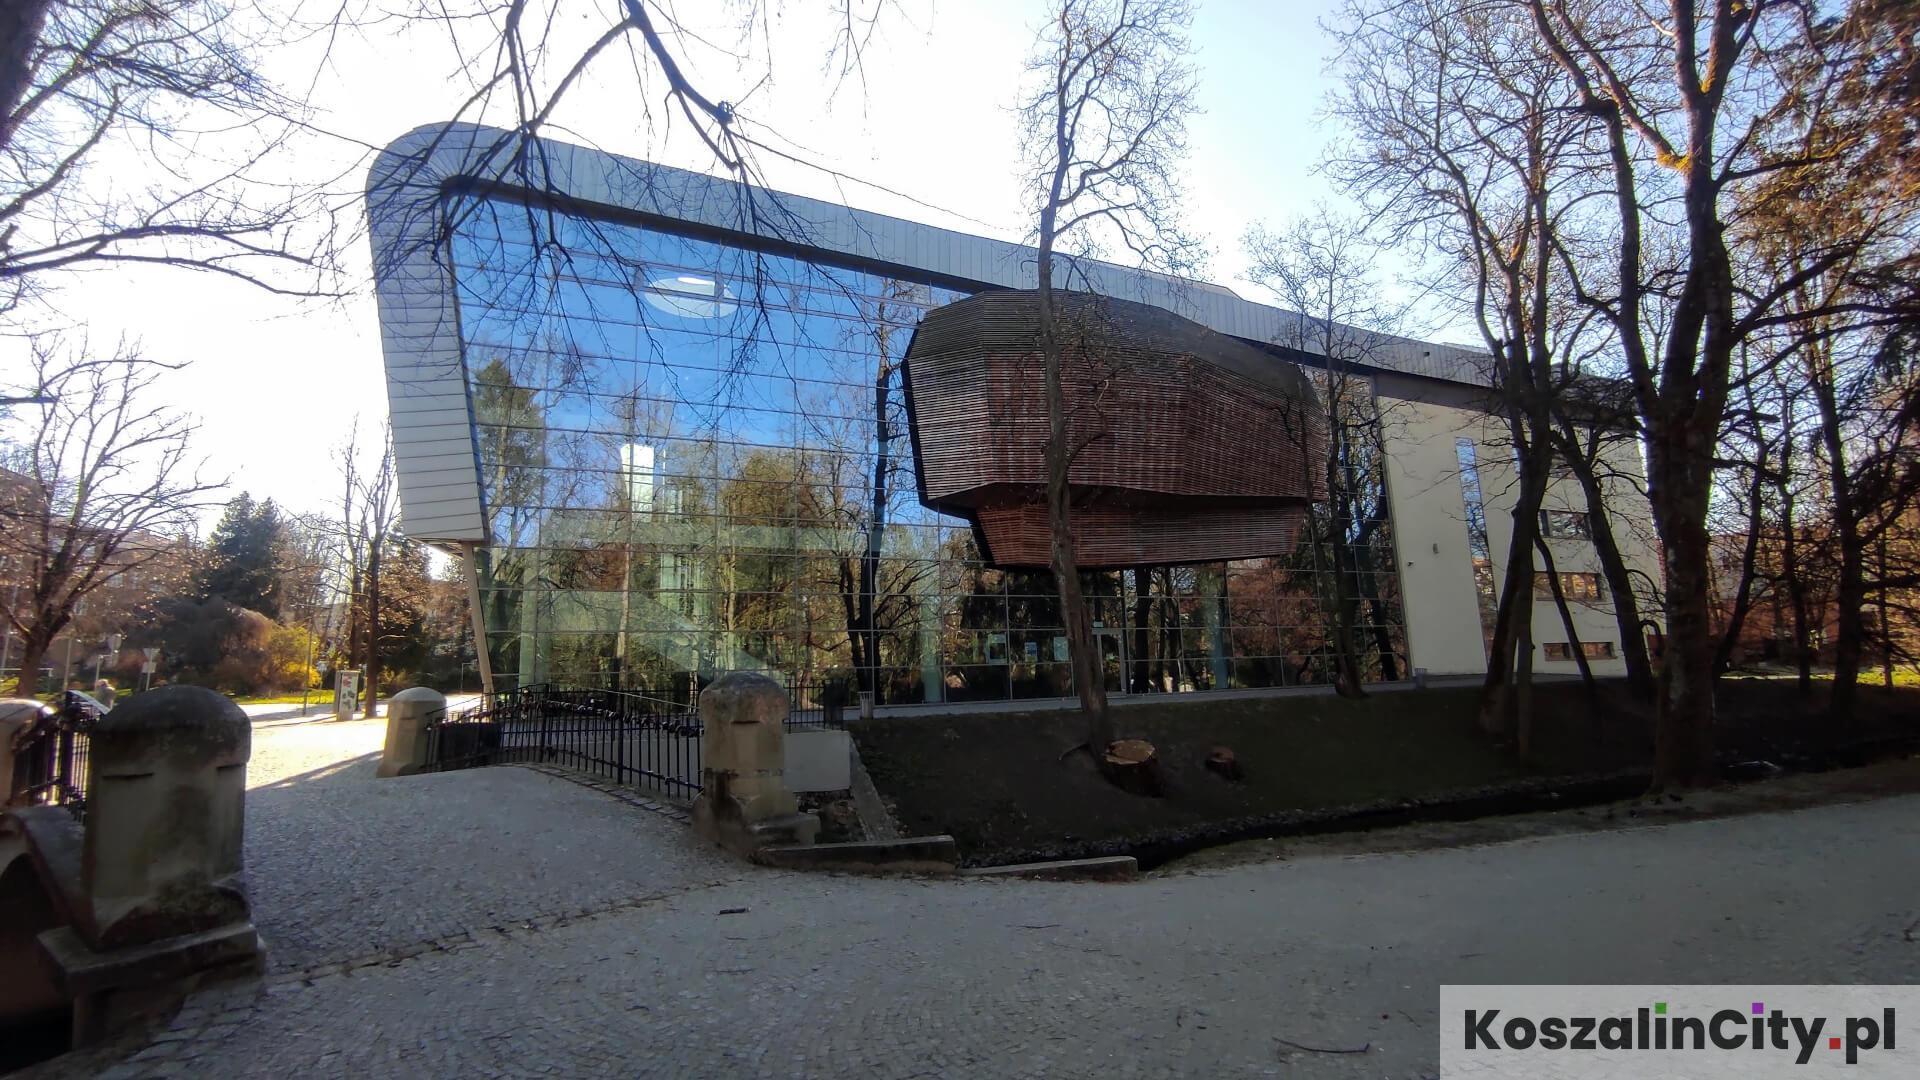 Filharmonia w Koszalinie od strony Parku im. Książąt Pomorskich